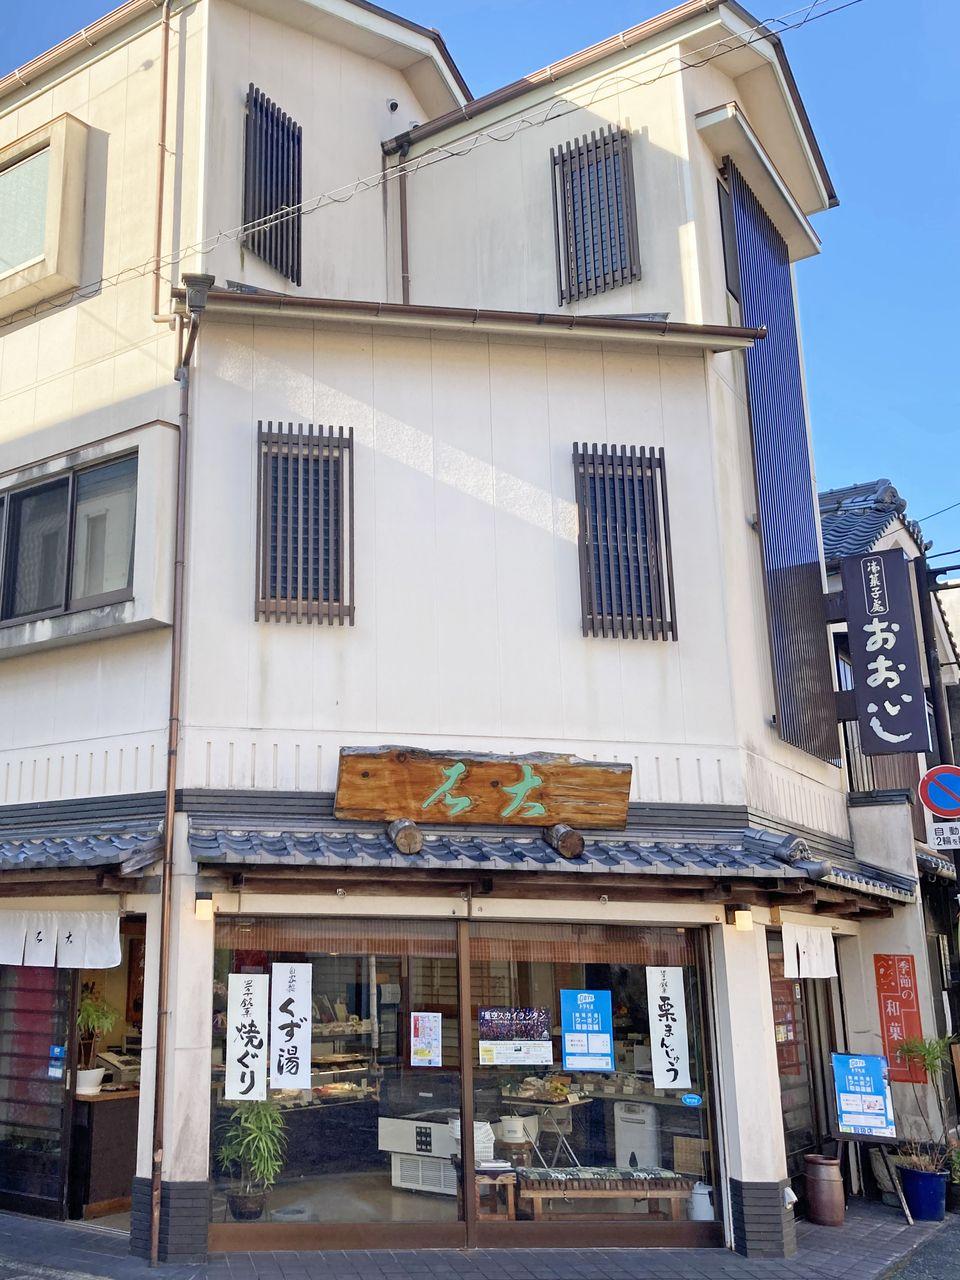 和菓子処おおいしの外観写真